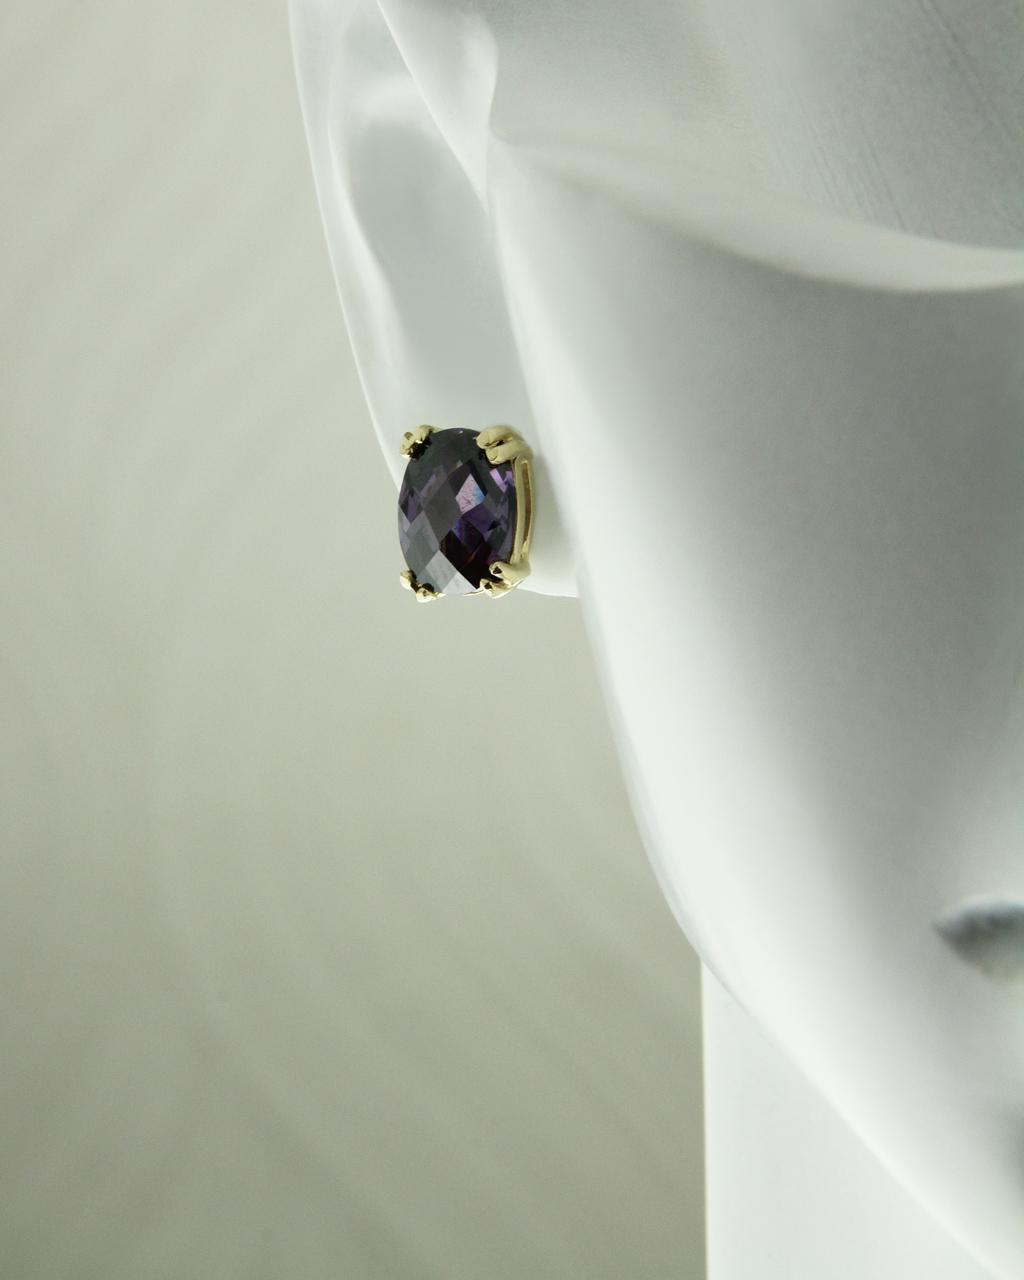 Σκουλαρίκια χρυσά Κ14 με Ζιργκόν   γυναικα σκουλαρίκια σκουλαρίκια χρυσά